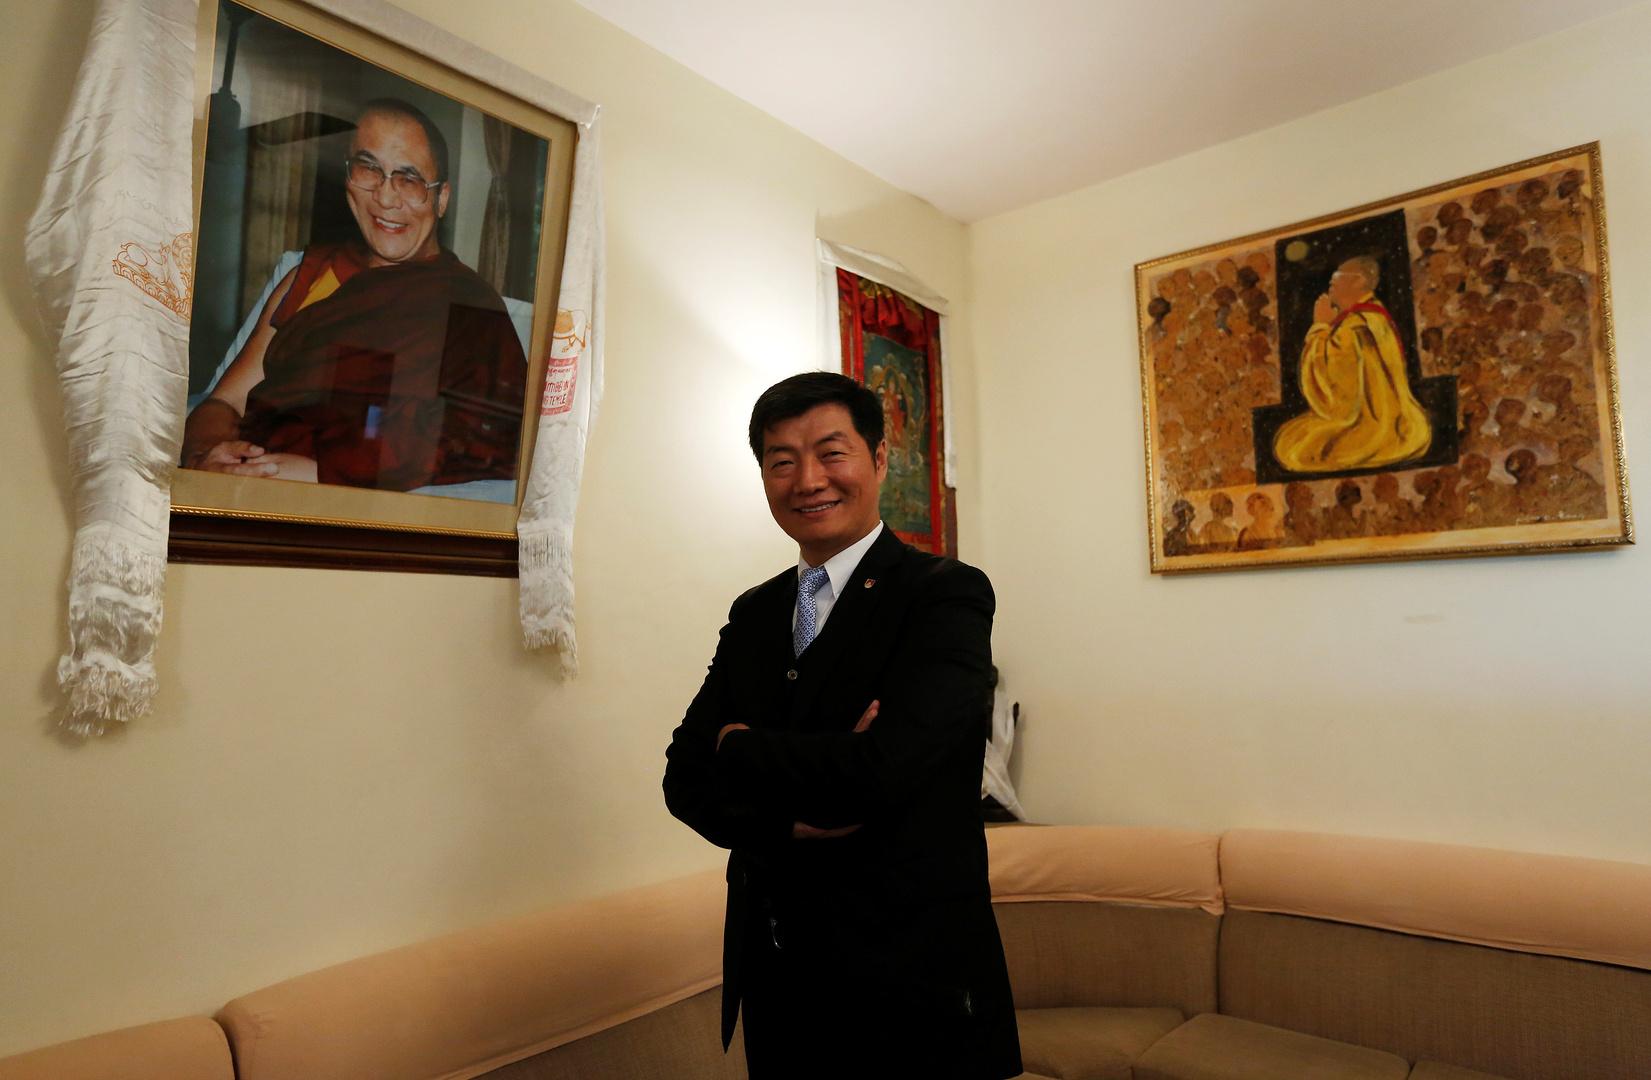 رئيس حكومة التبت في المنفى،  لوبسان سانجاي